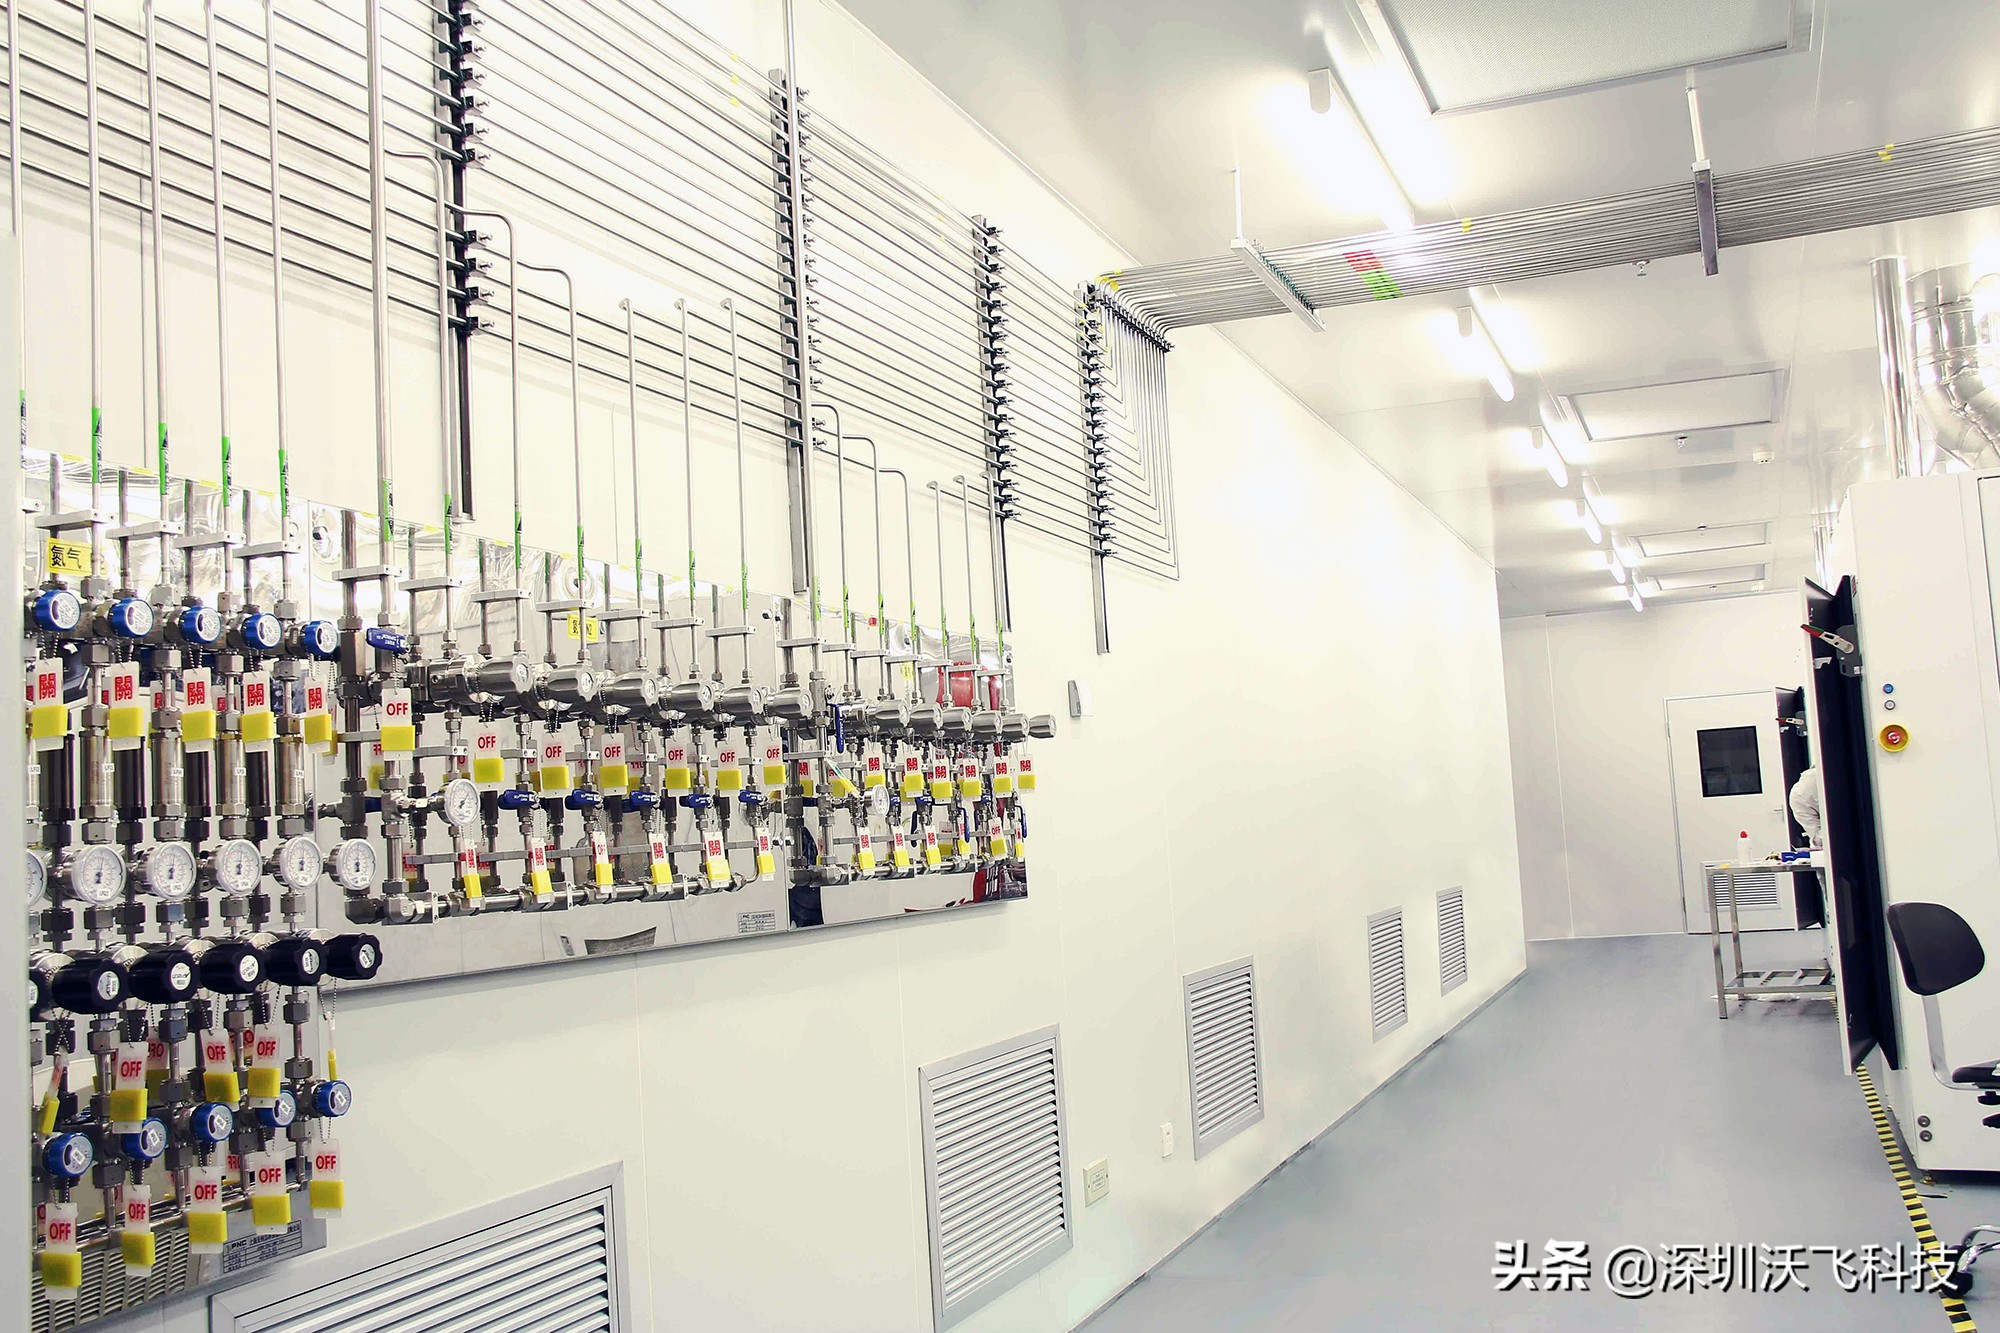 高纯气体管道配管技术及常见气体种类介绍